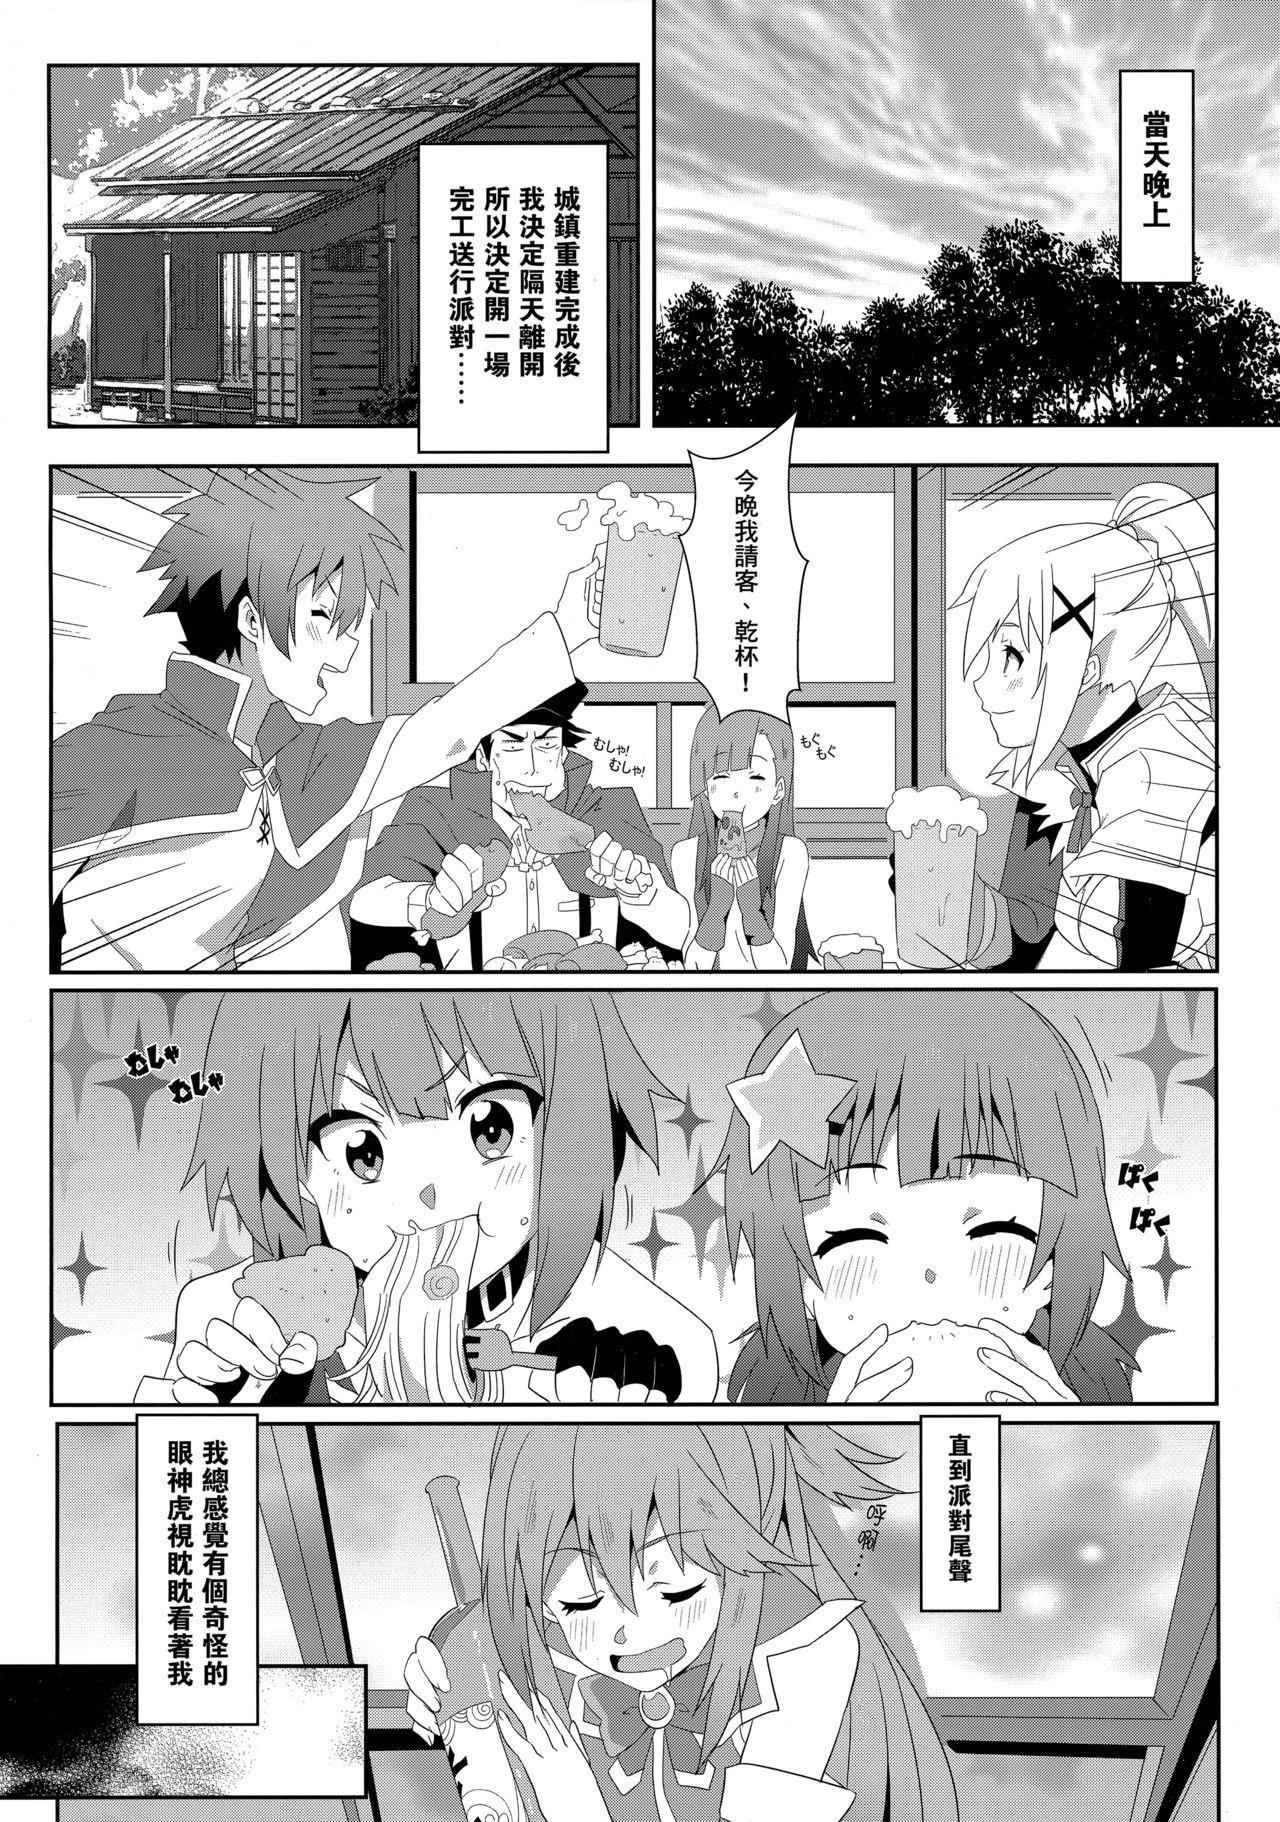 Megumin ni Kareina Shasei o! 6 6